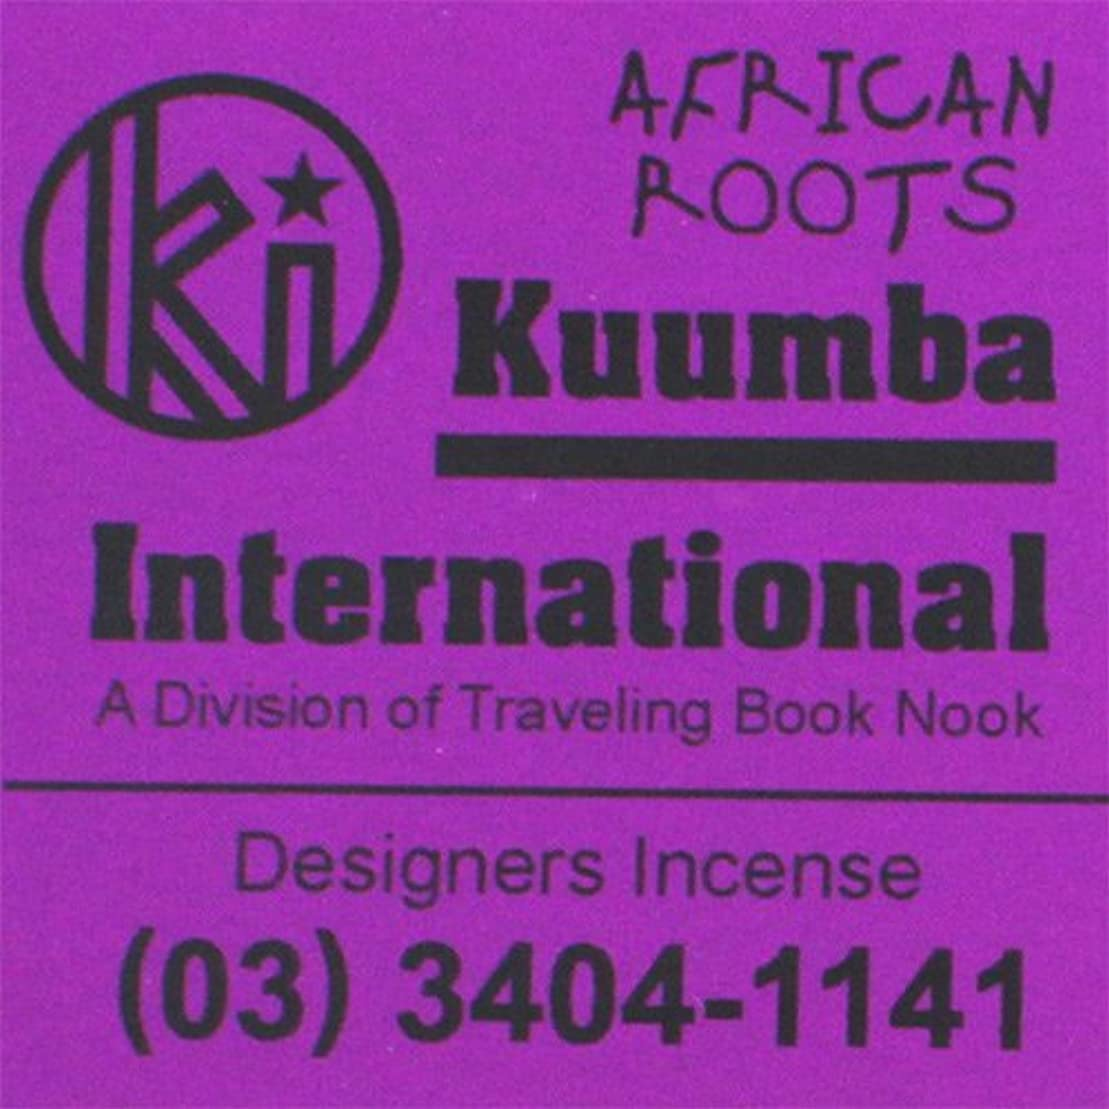 仕様是正する用語集KUUMBA / クンバ『incense』(AFRICAN ROOTS) (Regular size)